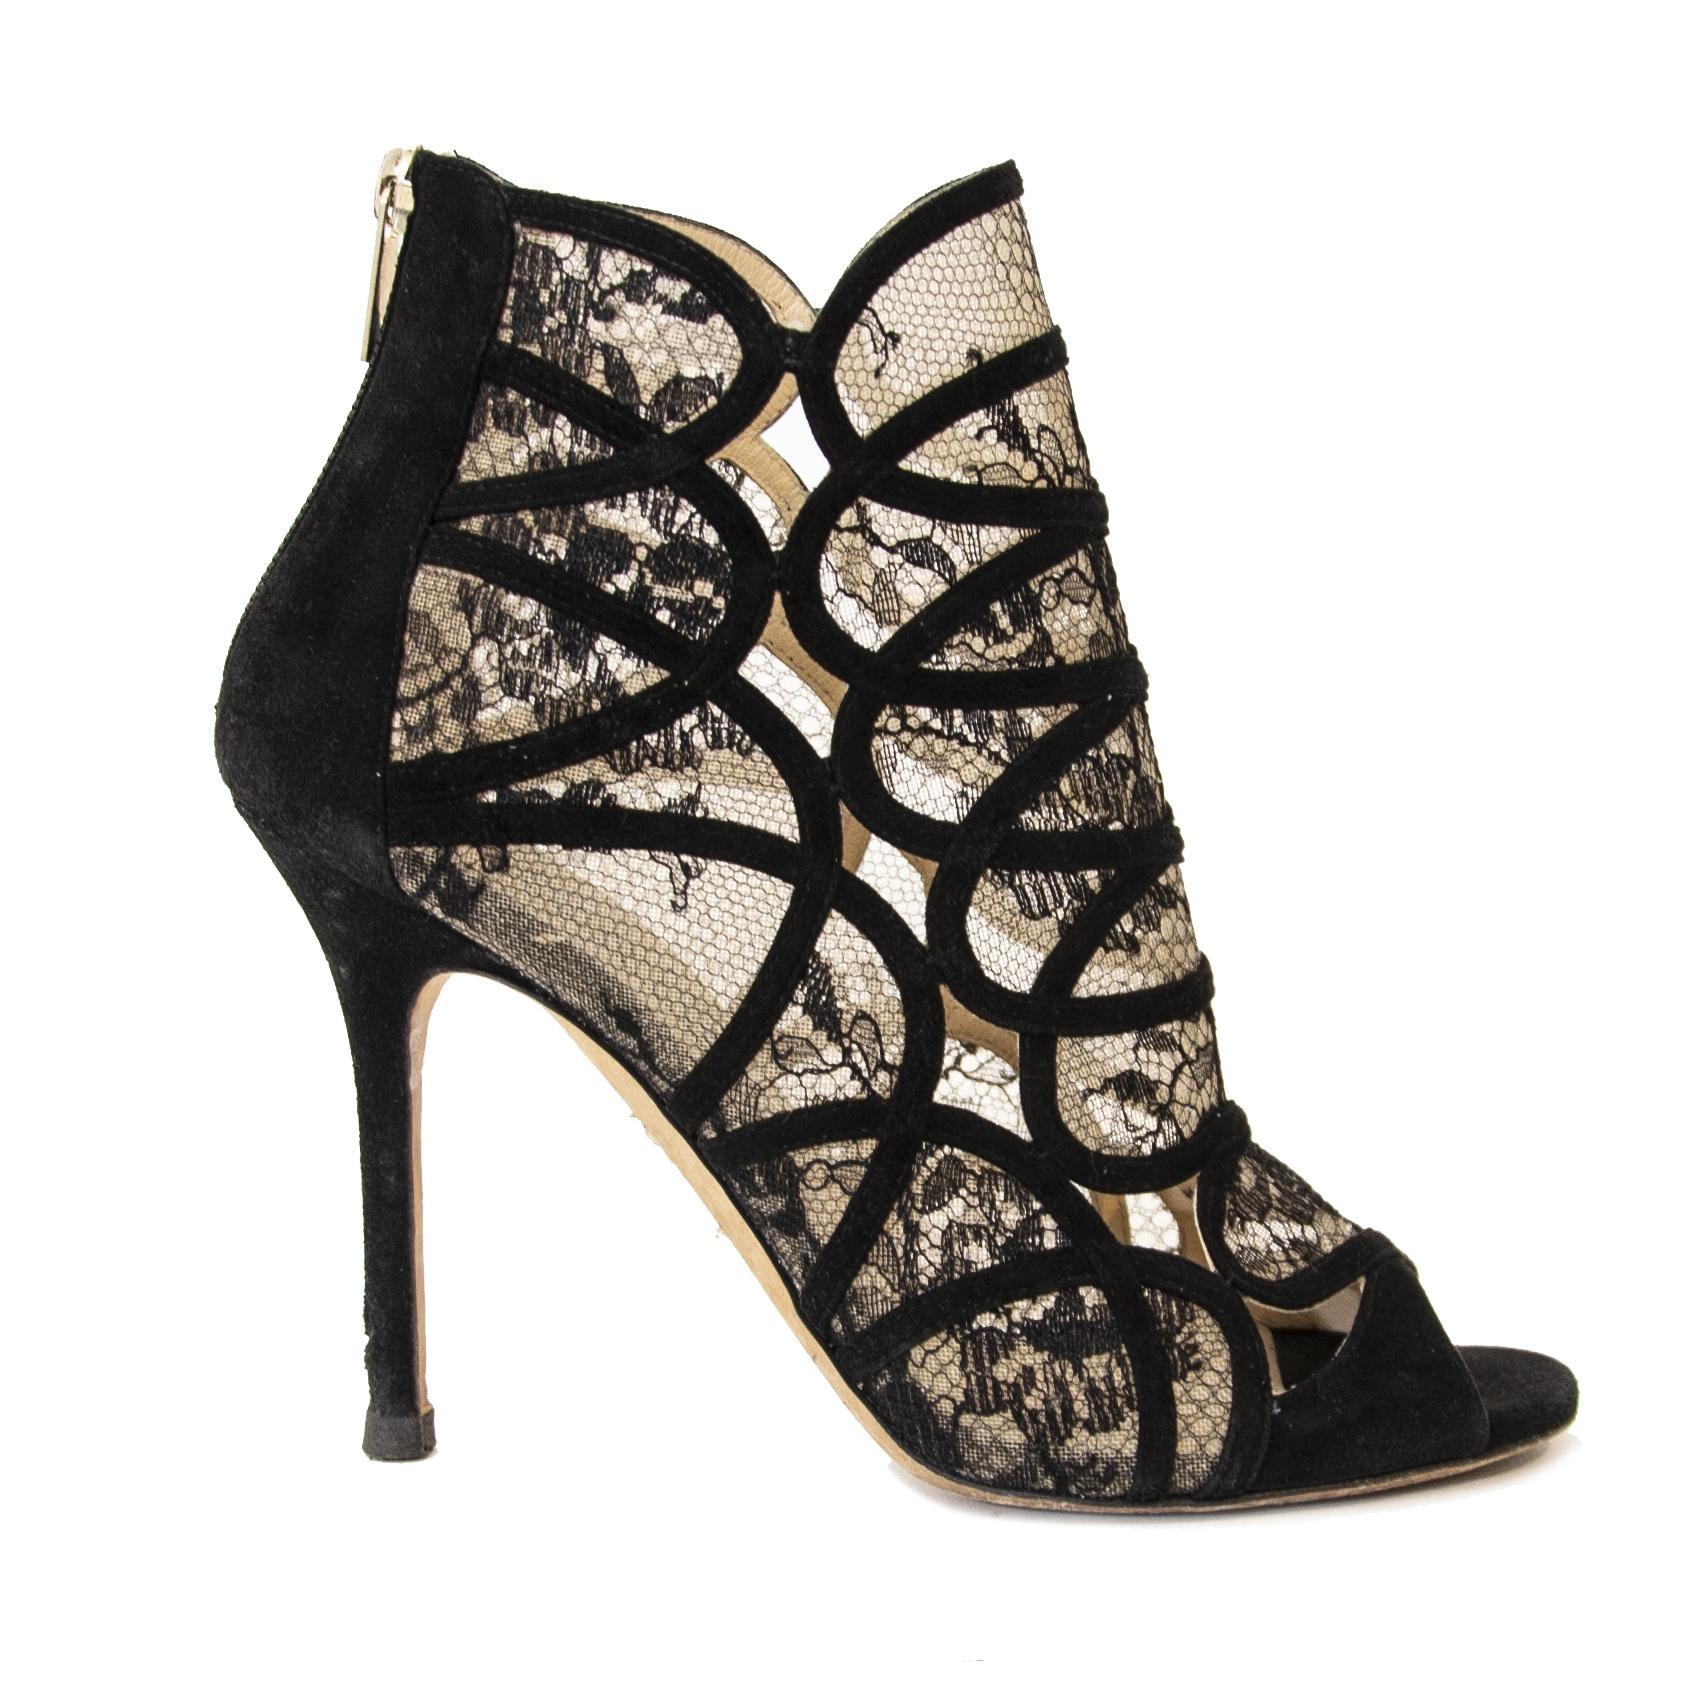 Jimmy Choo Black Lace Peeptoe Heels